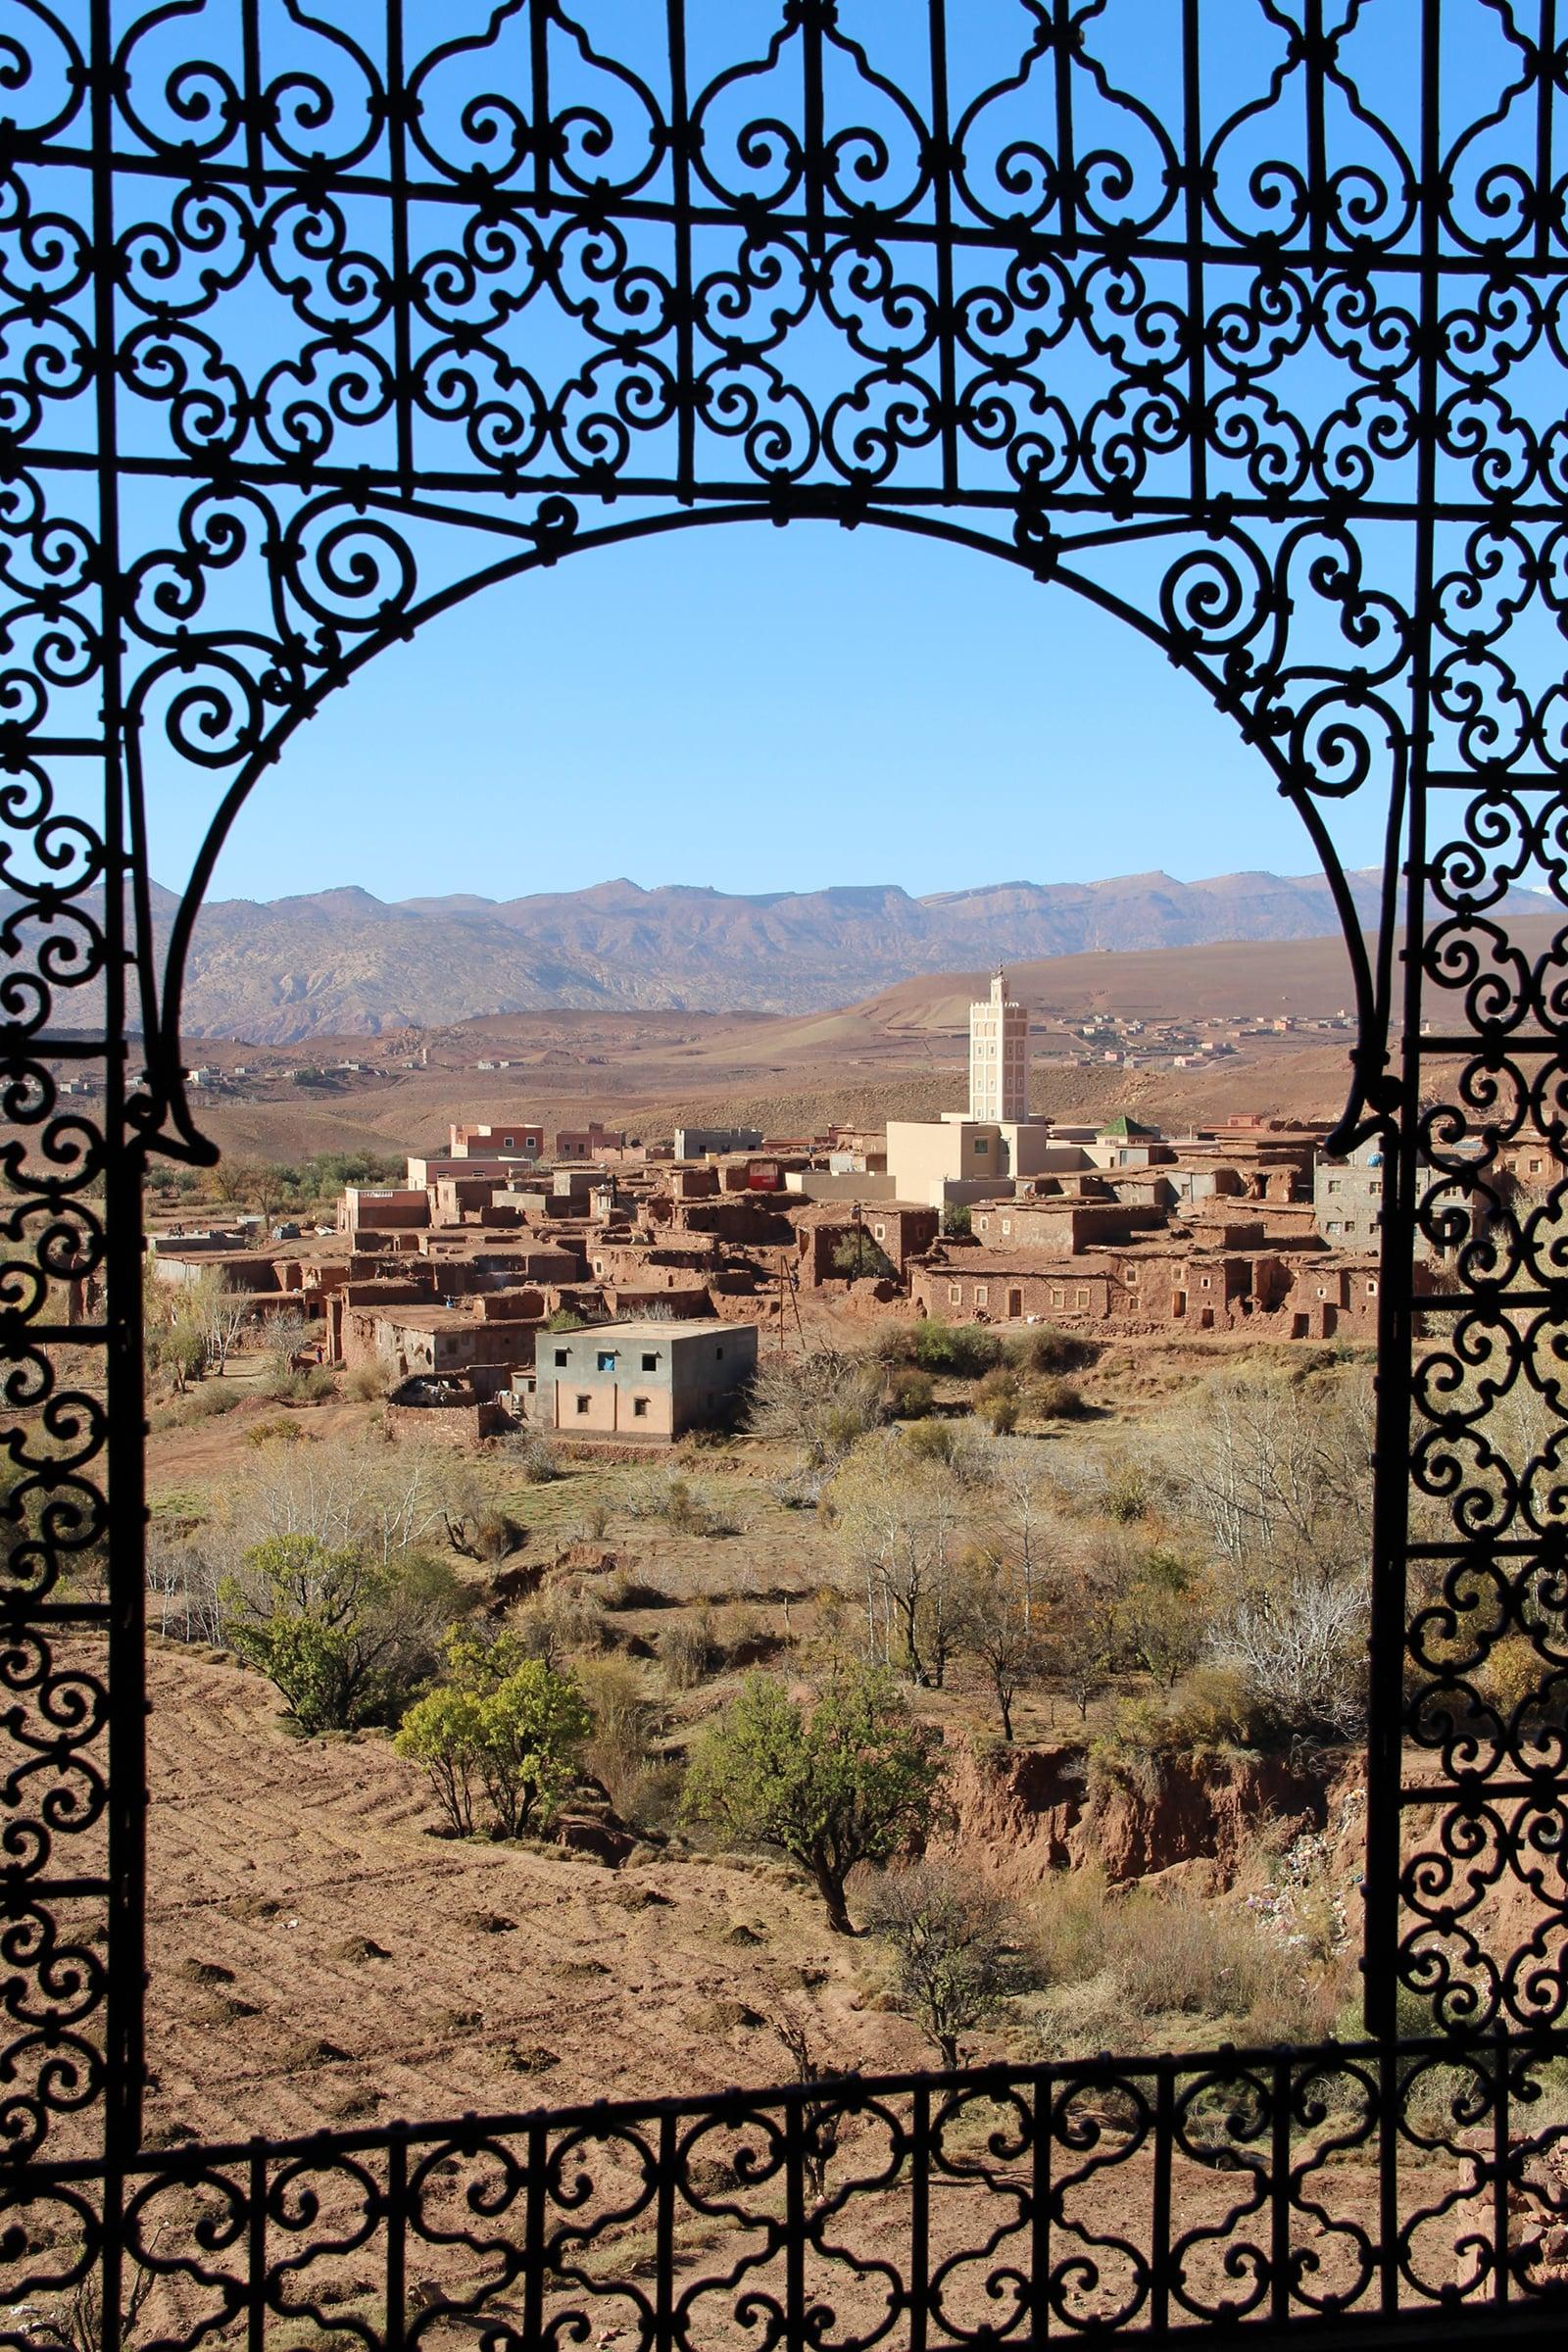 Vista di un villaggio dalla finestra della kasbah di Telouet